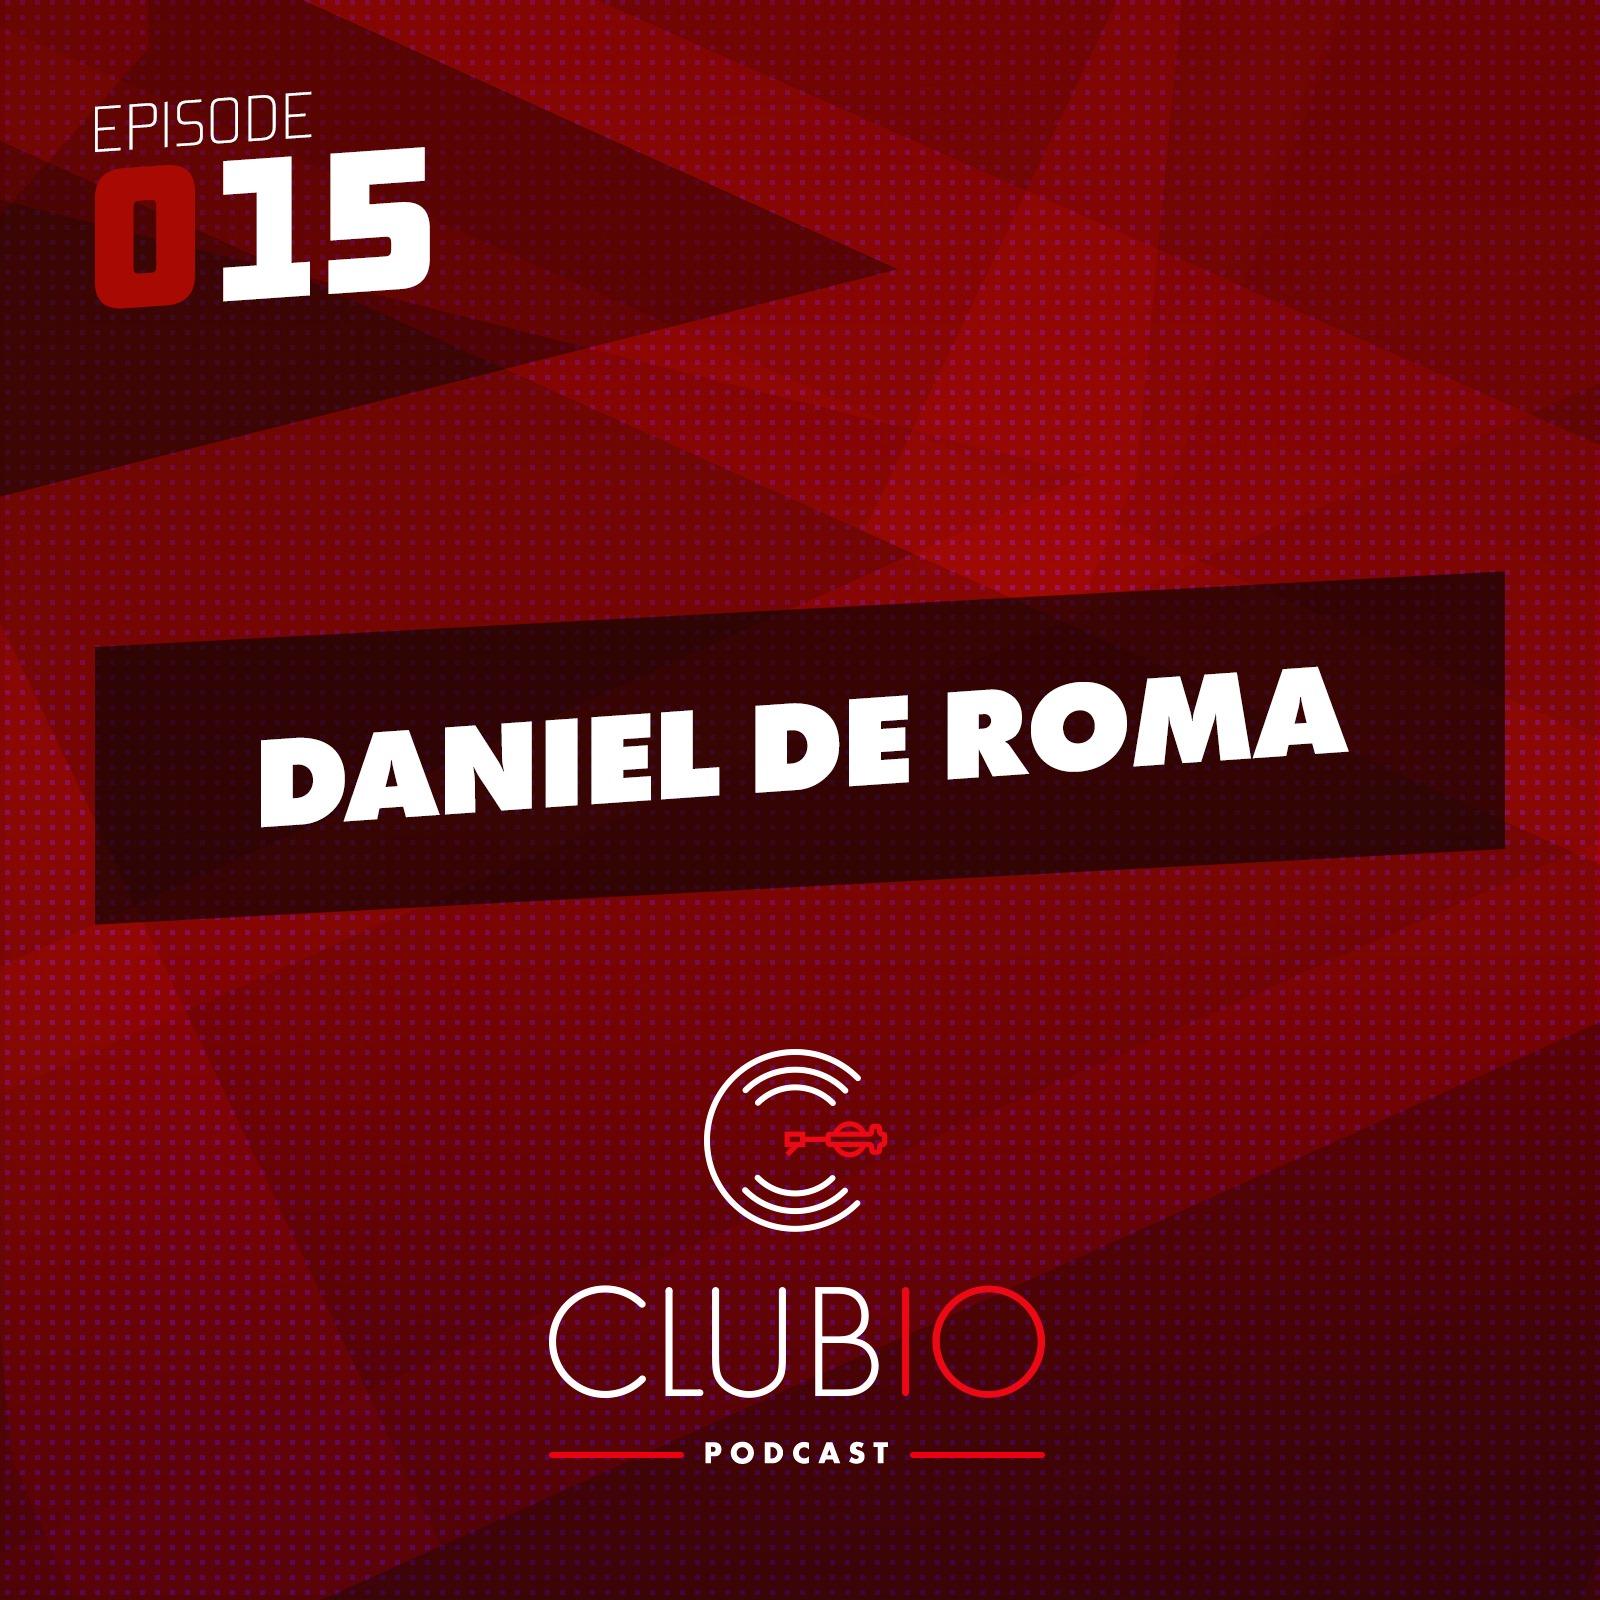 Clubio Podcast 015 - Daniel De Roma